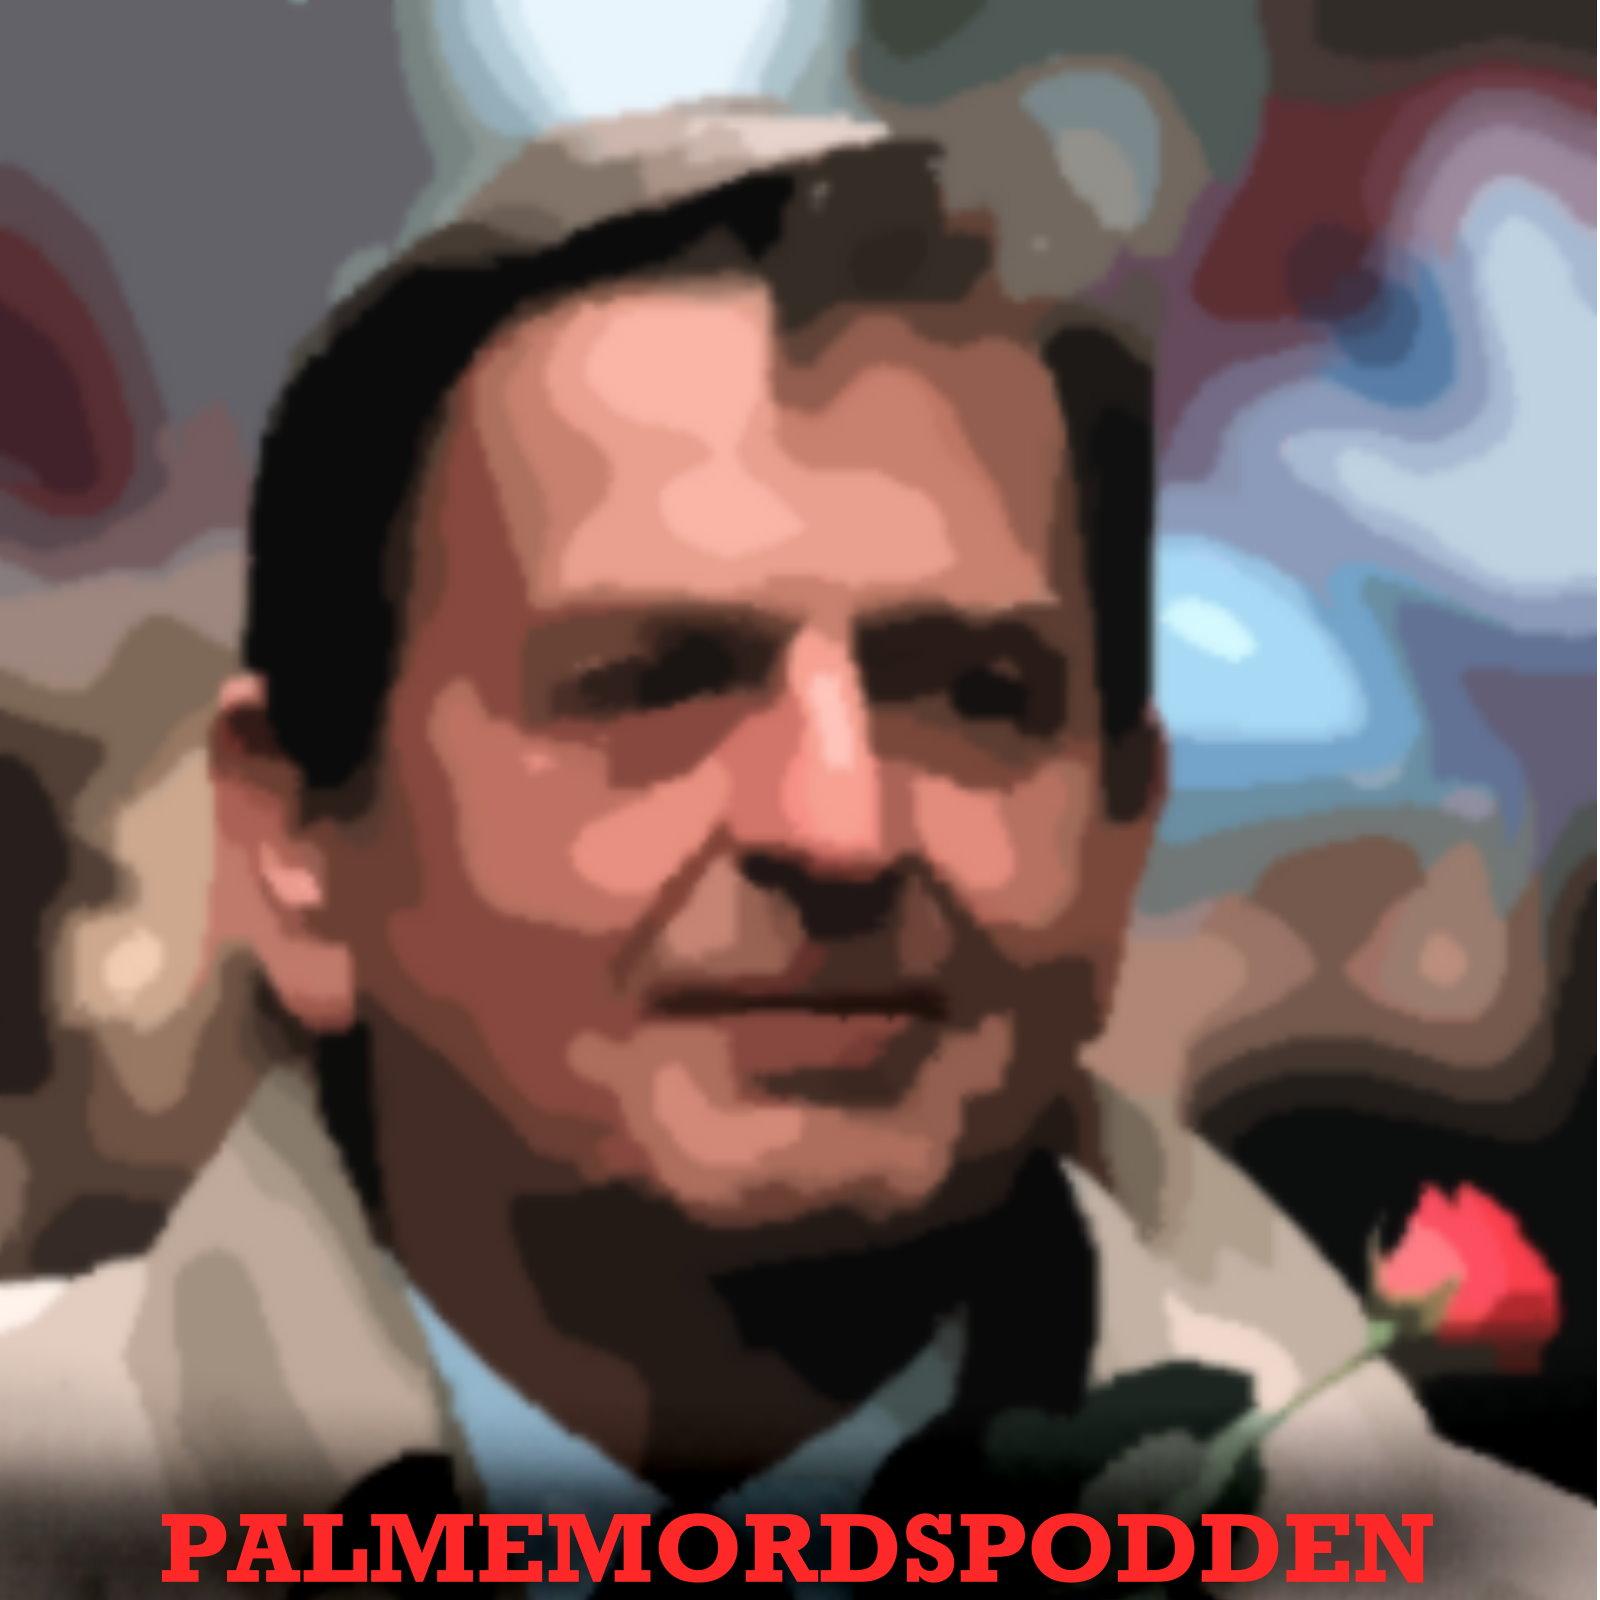 PALMEMORDSPODDEN show art